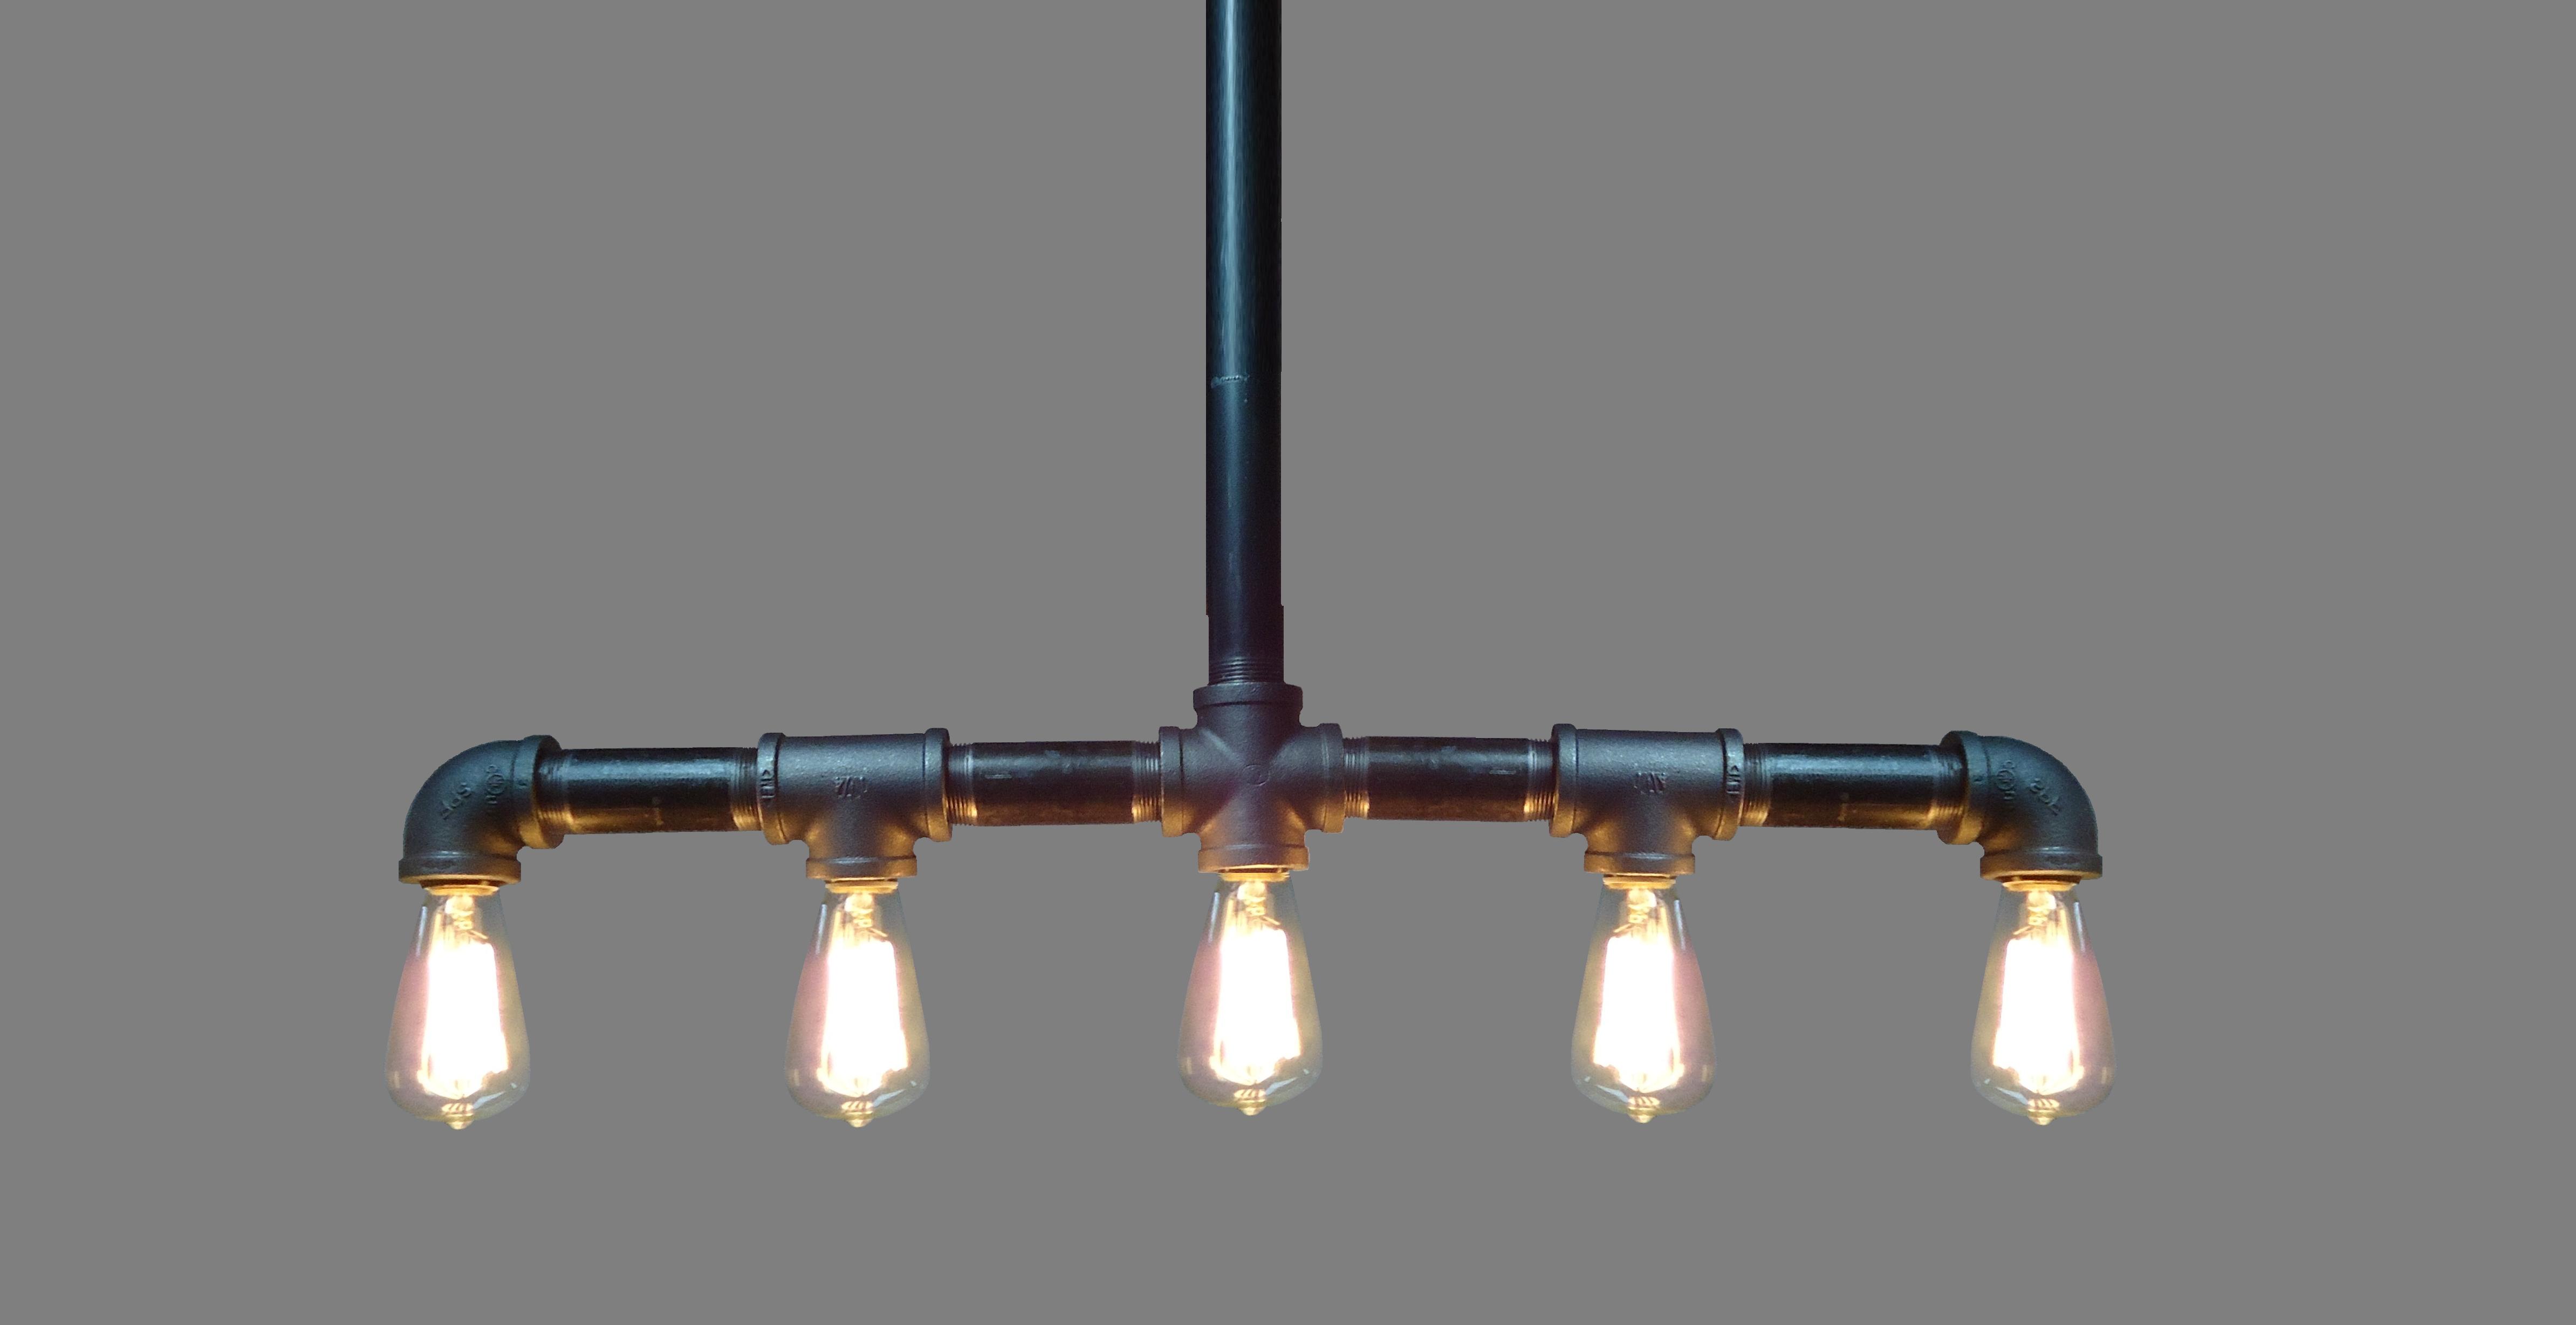 Netdrop Lighting Fixtures : Light Pendant Drop Ceiling Custom Made - Lamps & Light Fixtures ...